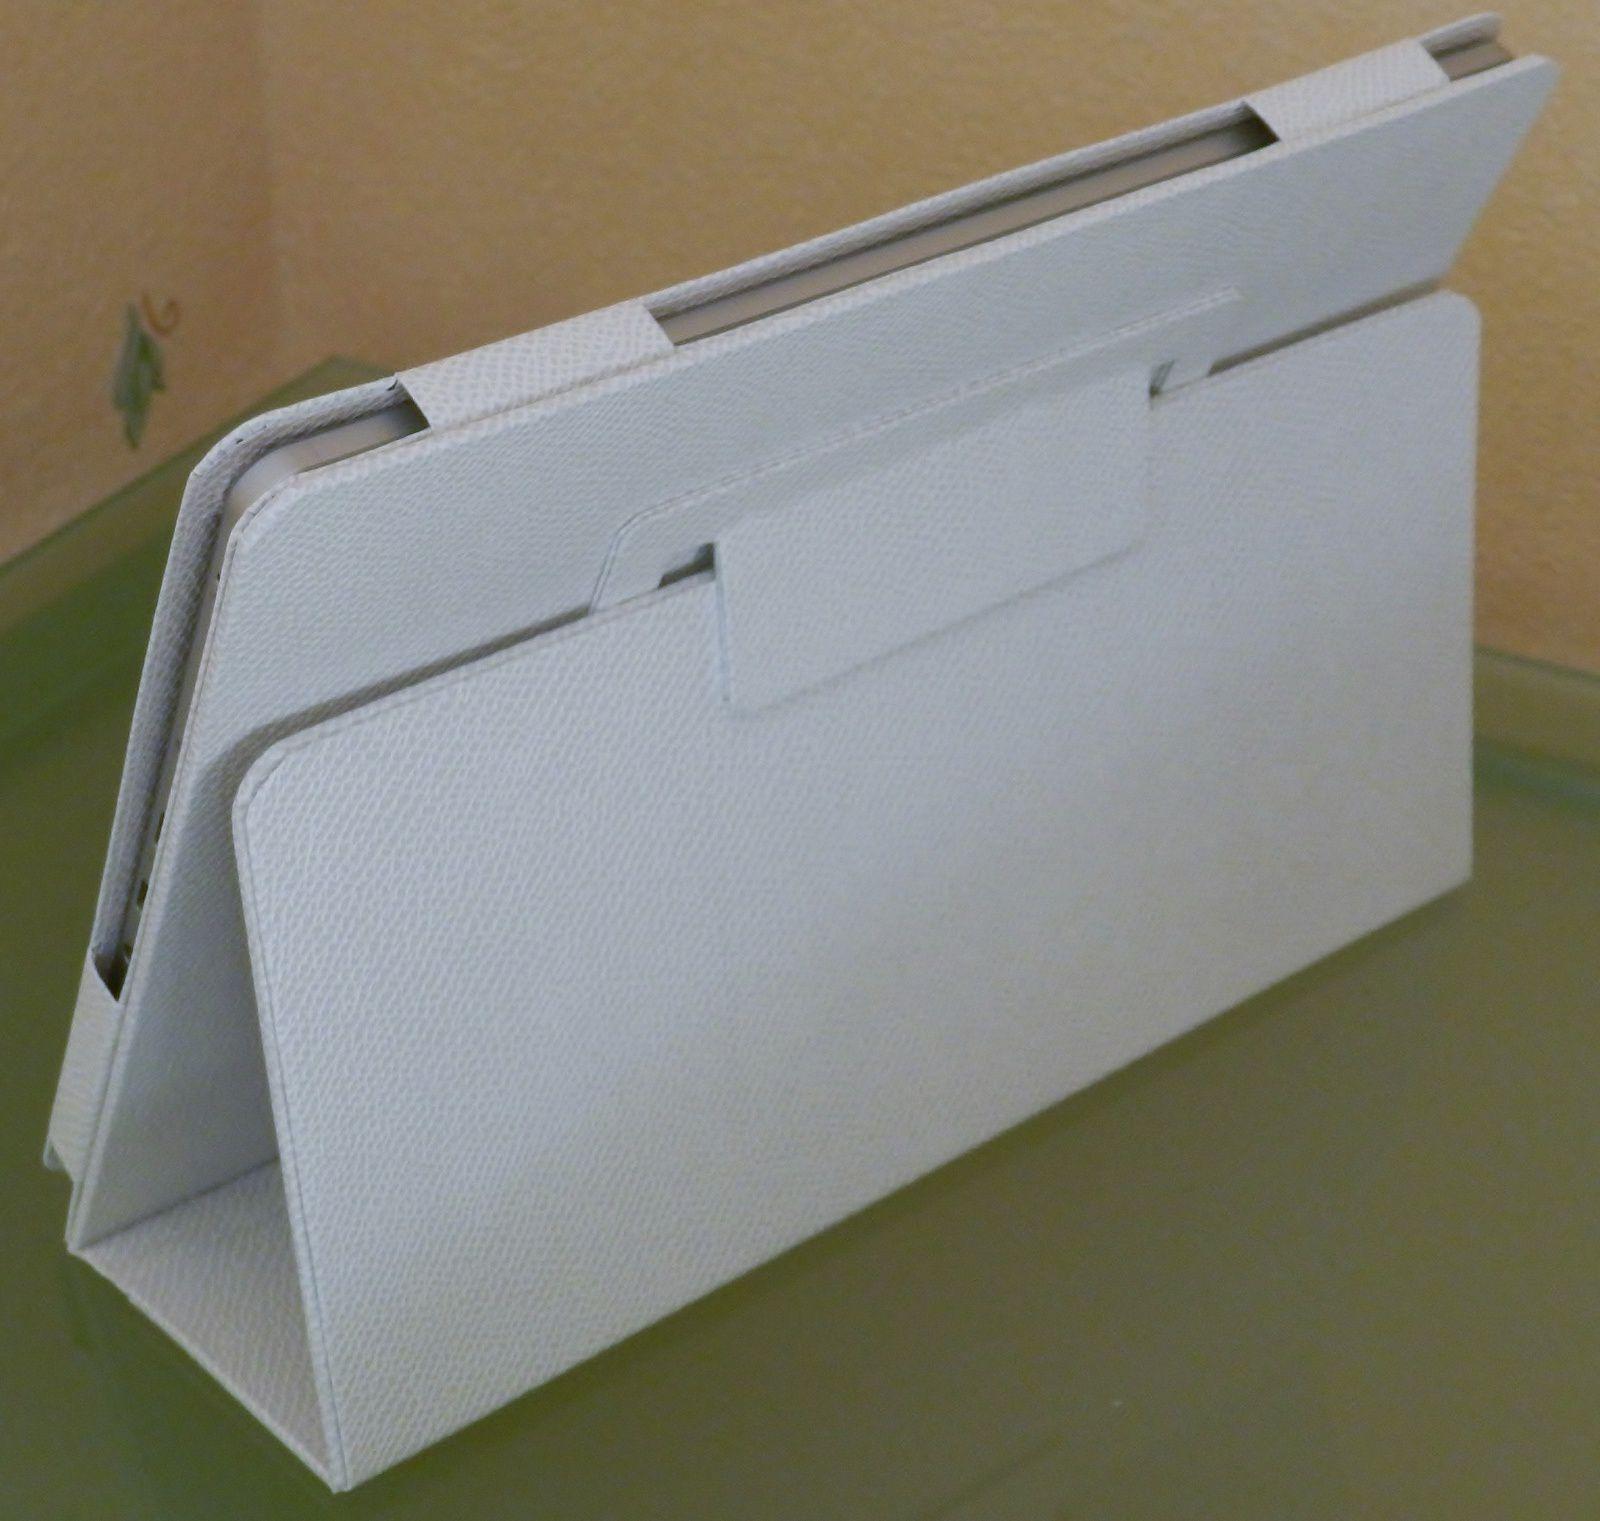 Cartonnage tui support de tablette crea cadres scrap co - Fabriquer un support pour tablette ...